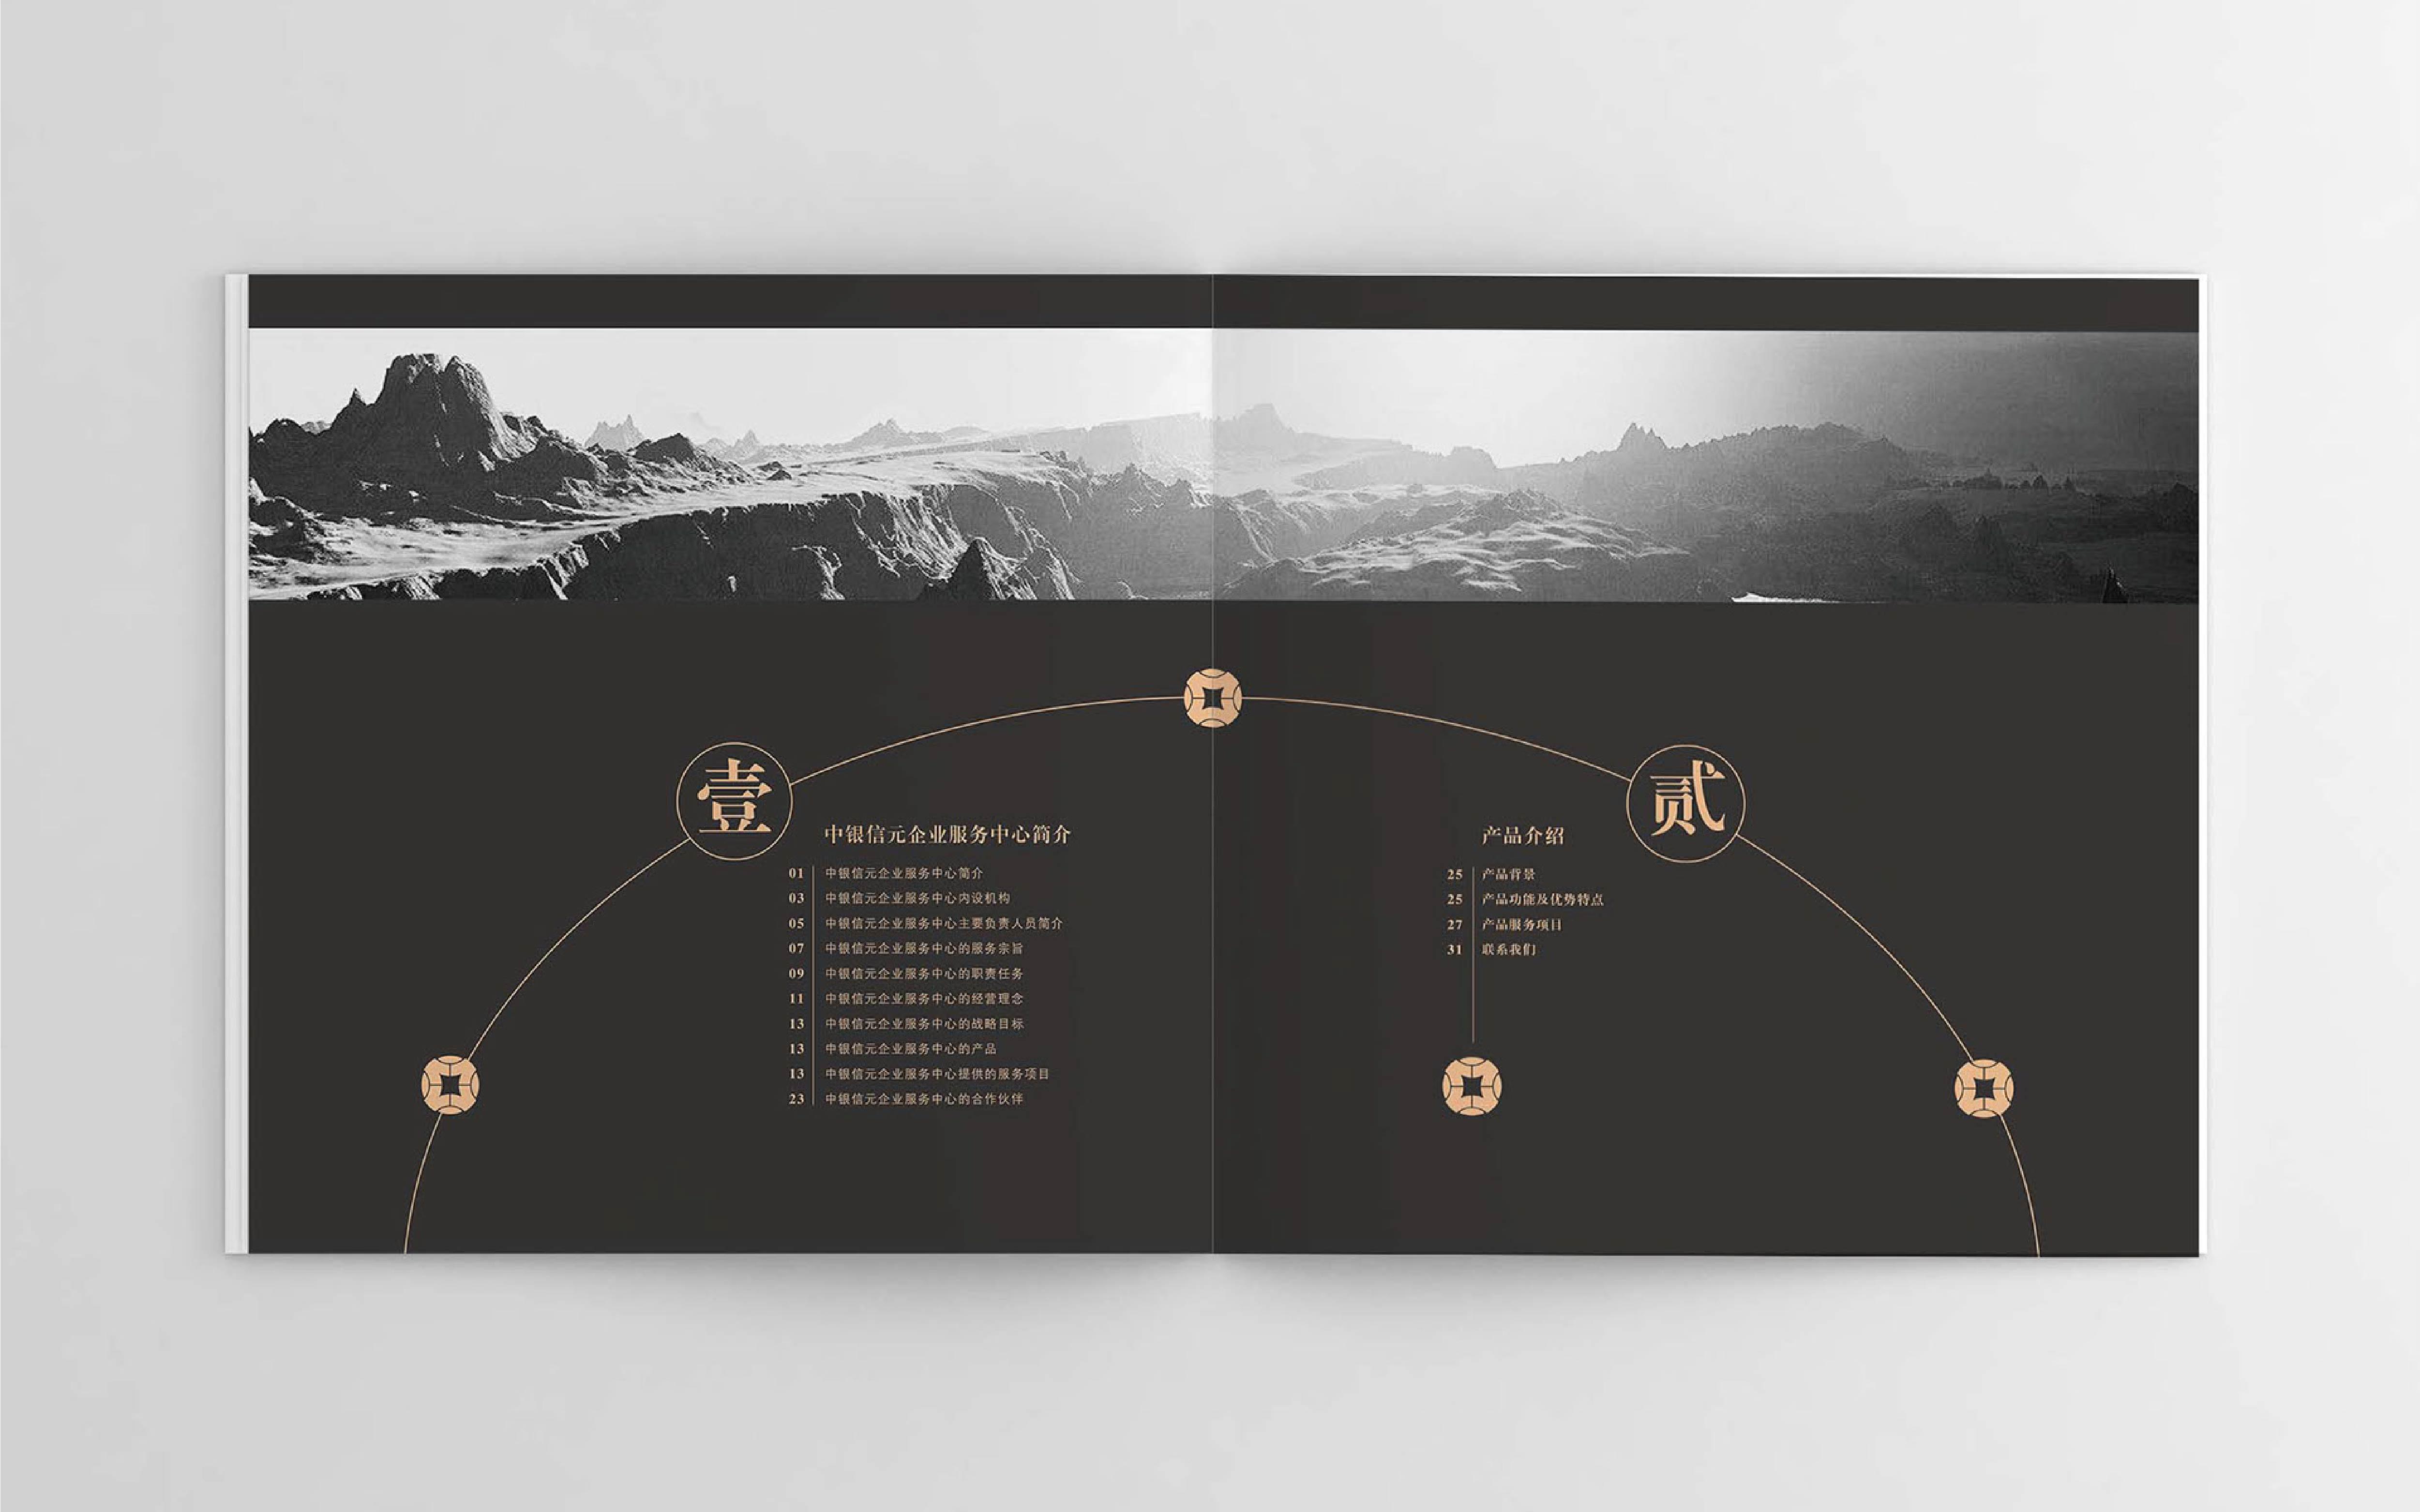 原创说明书设计画册设计产品手册数据会议简介电子家电影集宣传册